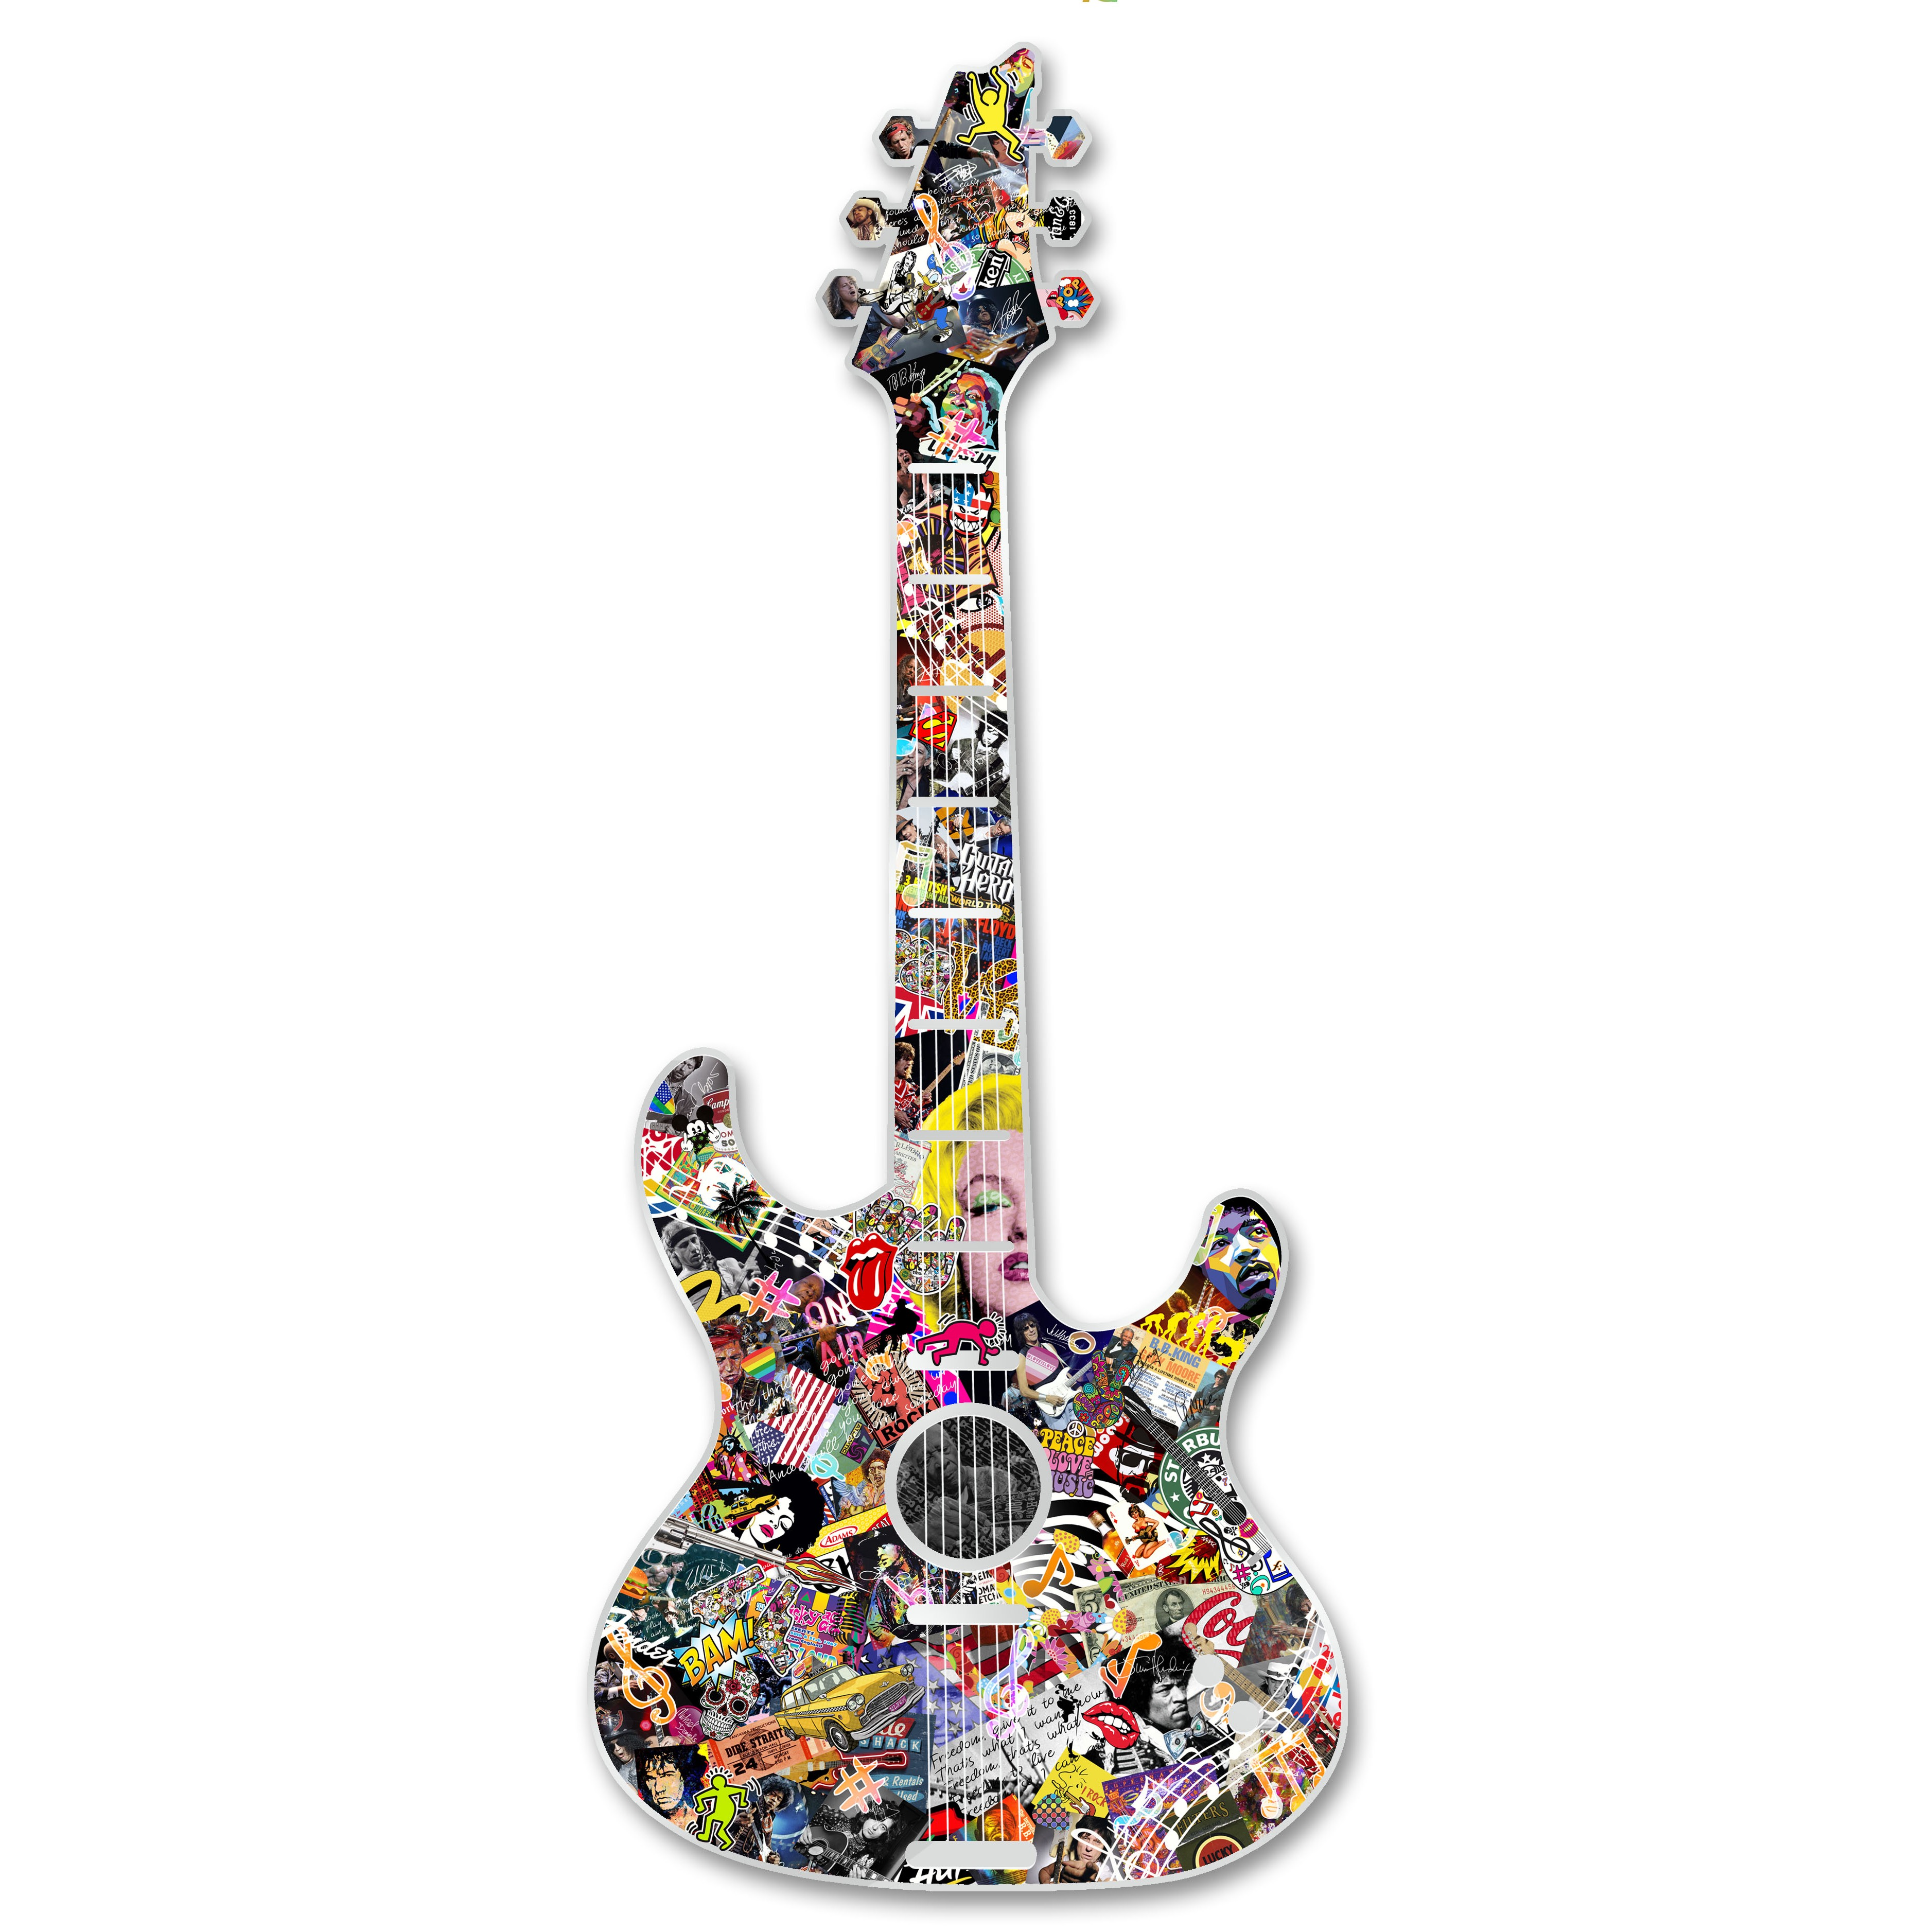 Michael Daniels POP-ART 'Our Rock Legends'